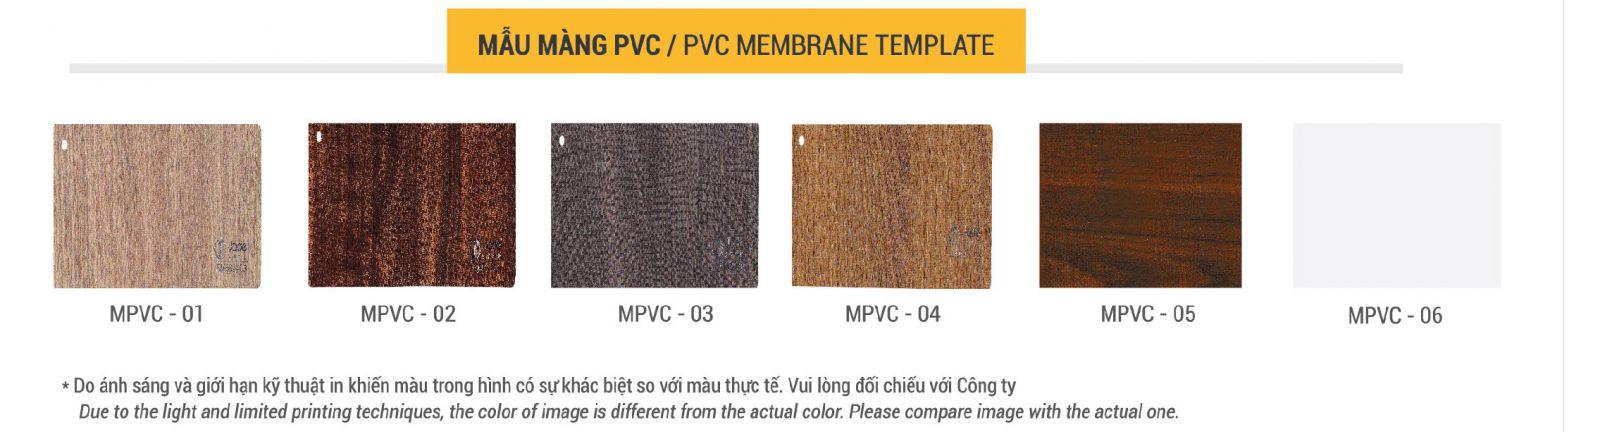 Mẫu màng PVC